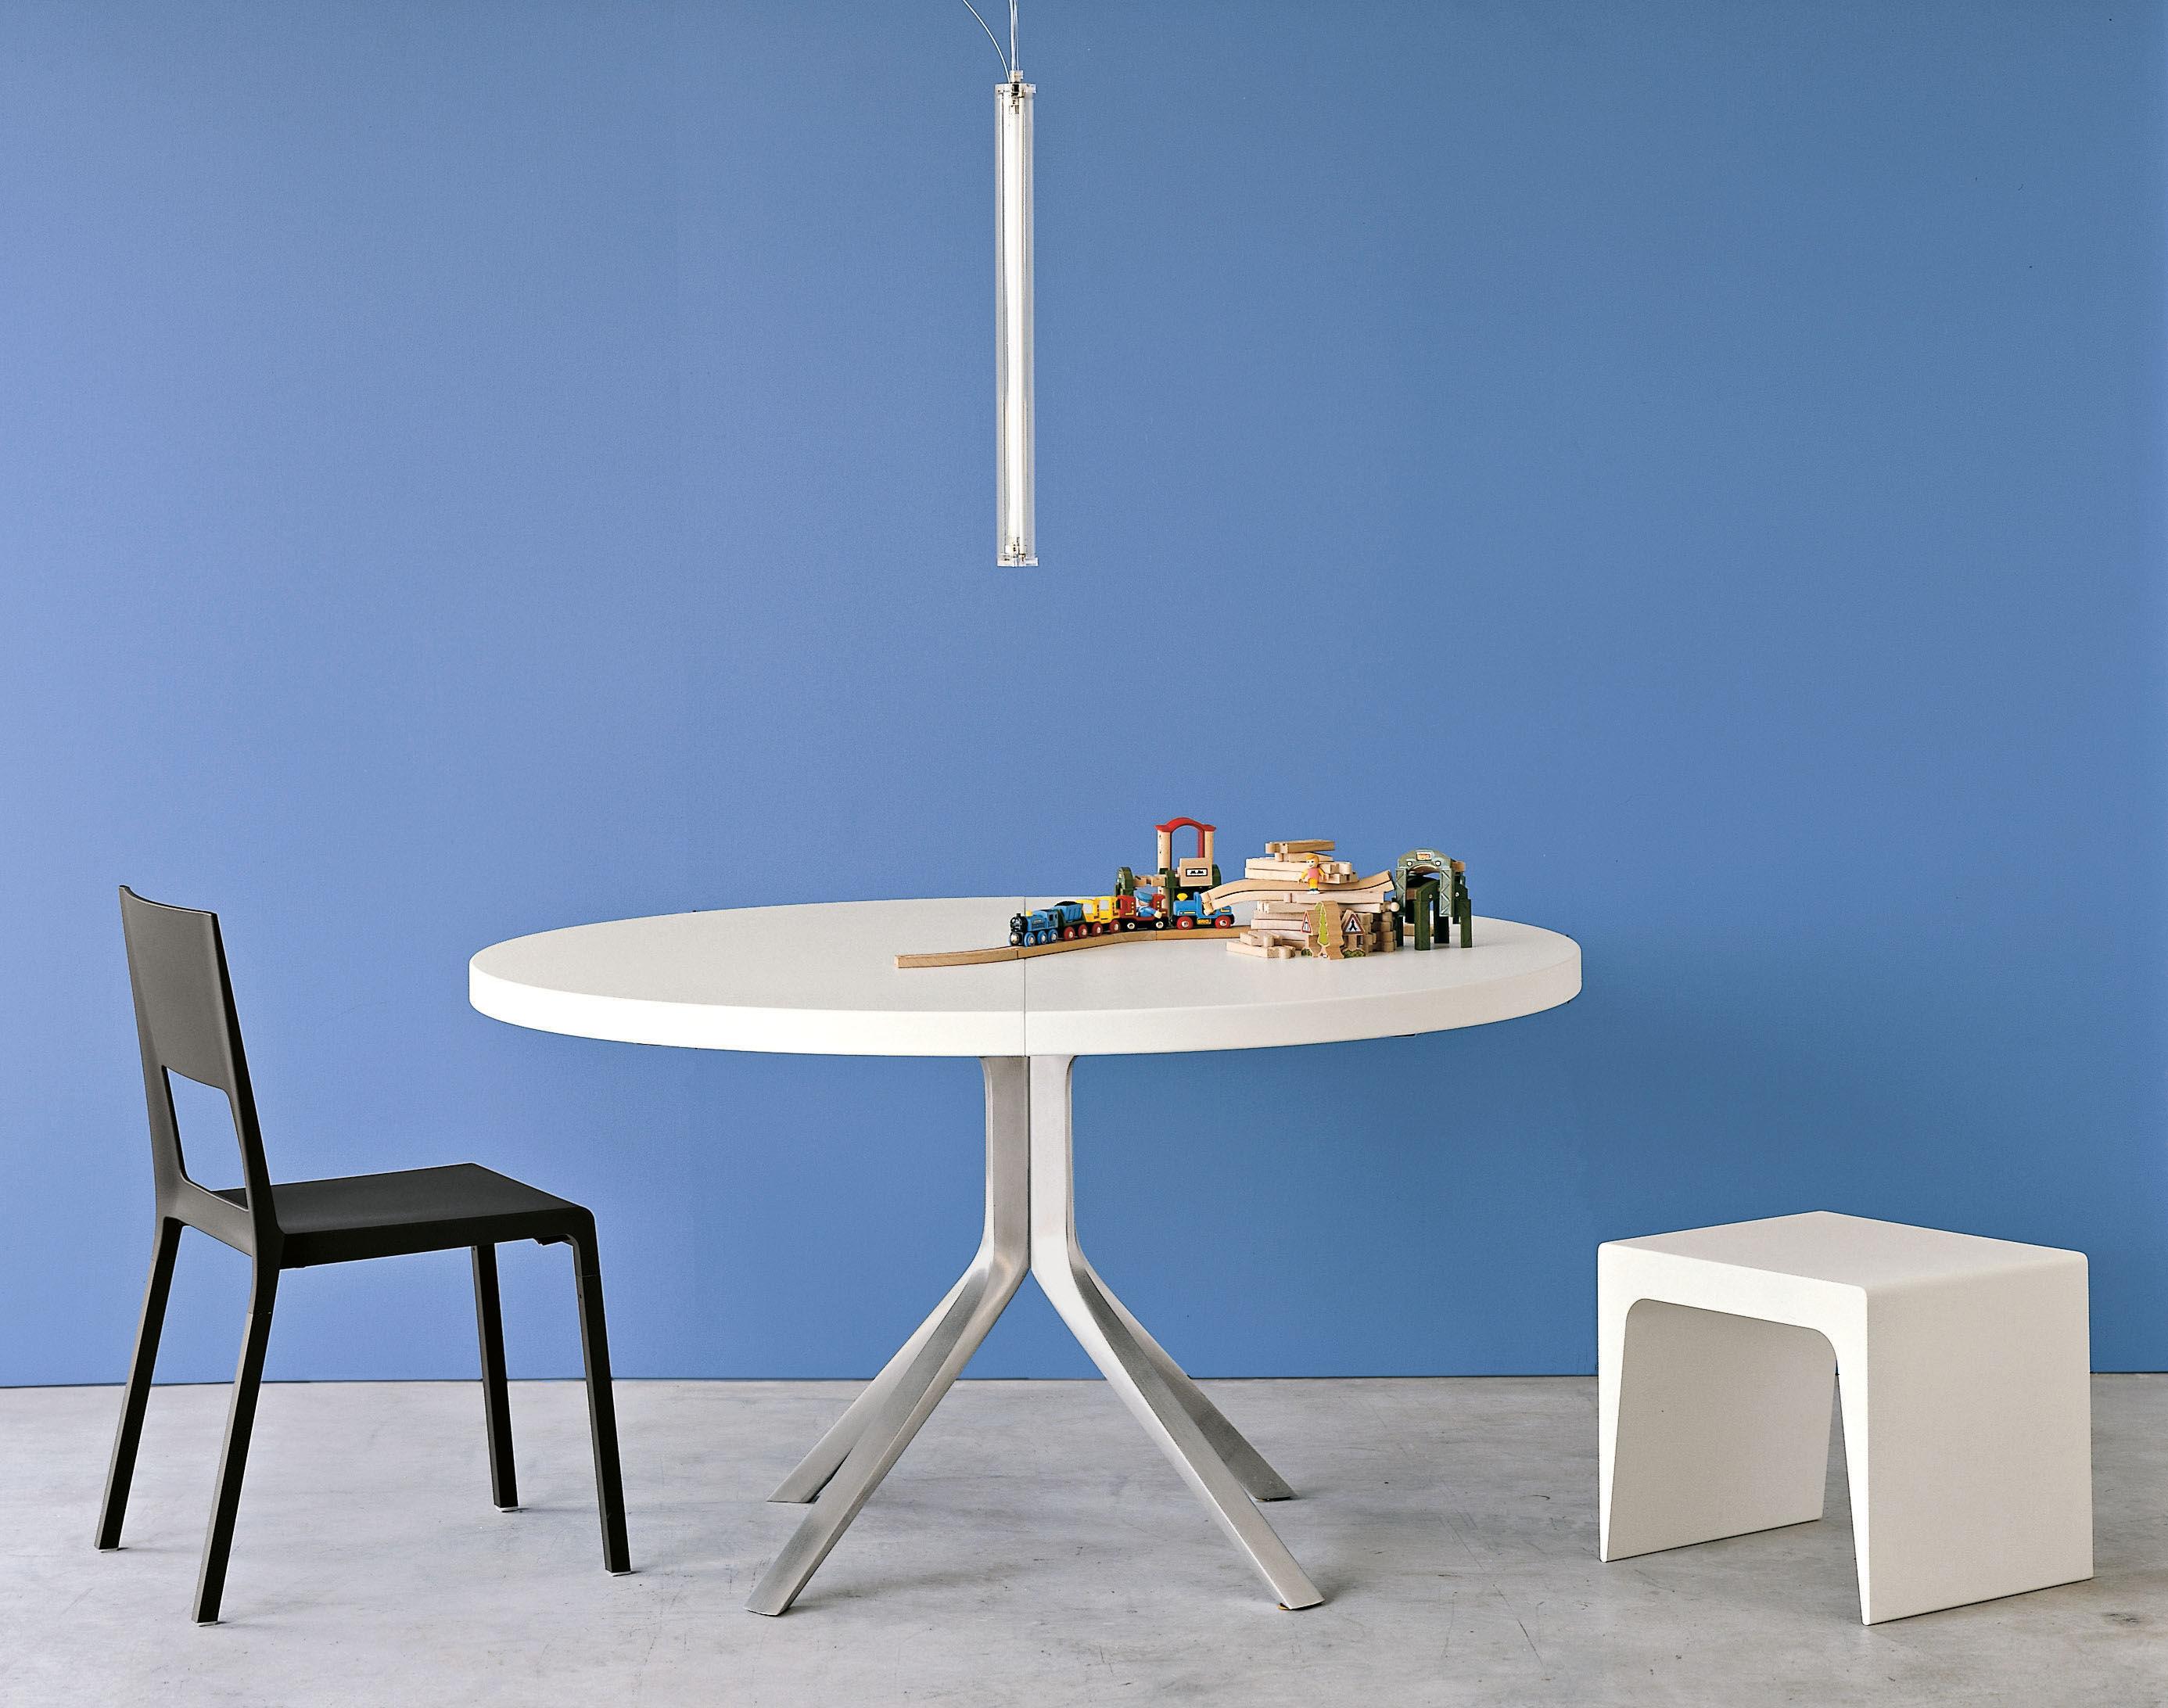 Esstisch Holz Oval Ausziehbar ~ Ausziehtisch Tisch Oval Ausziehbar Esstisch Kiefer Massiv Holz Gelaugt